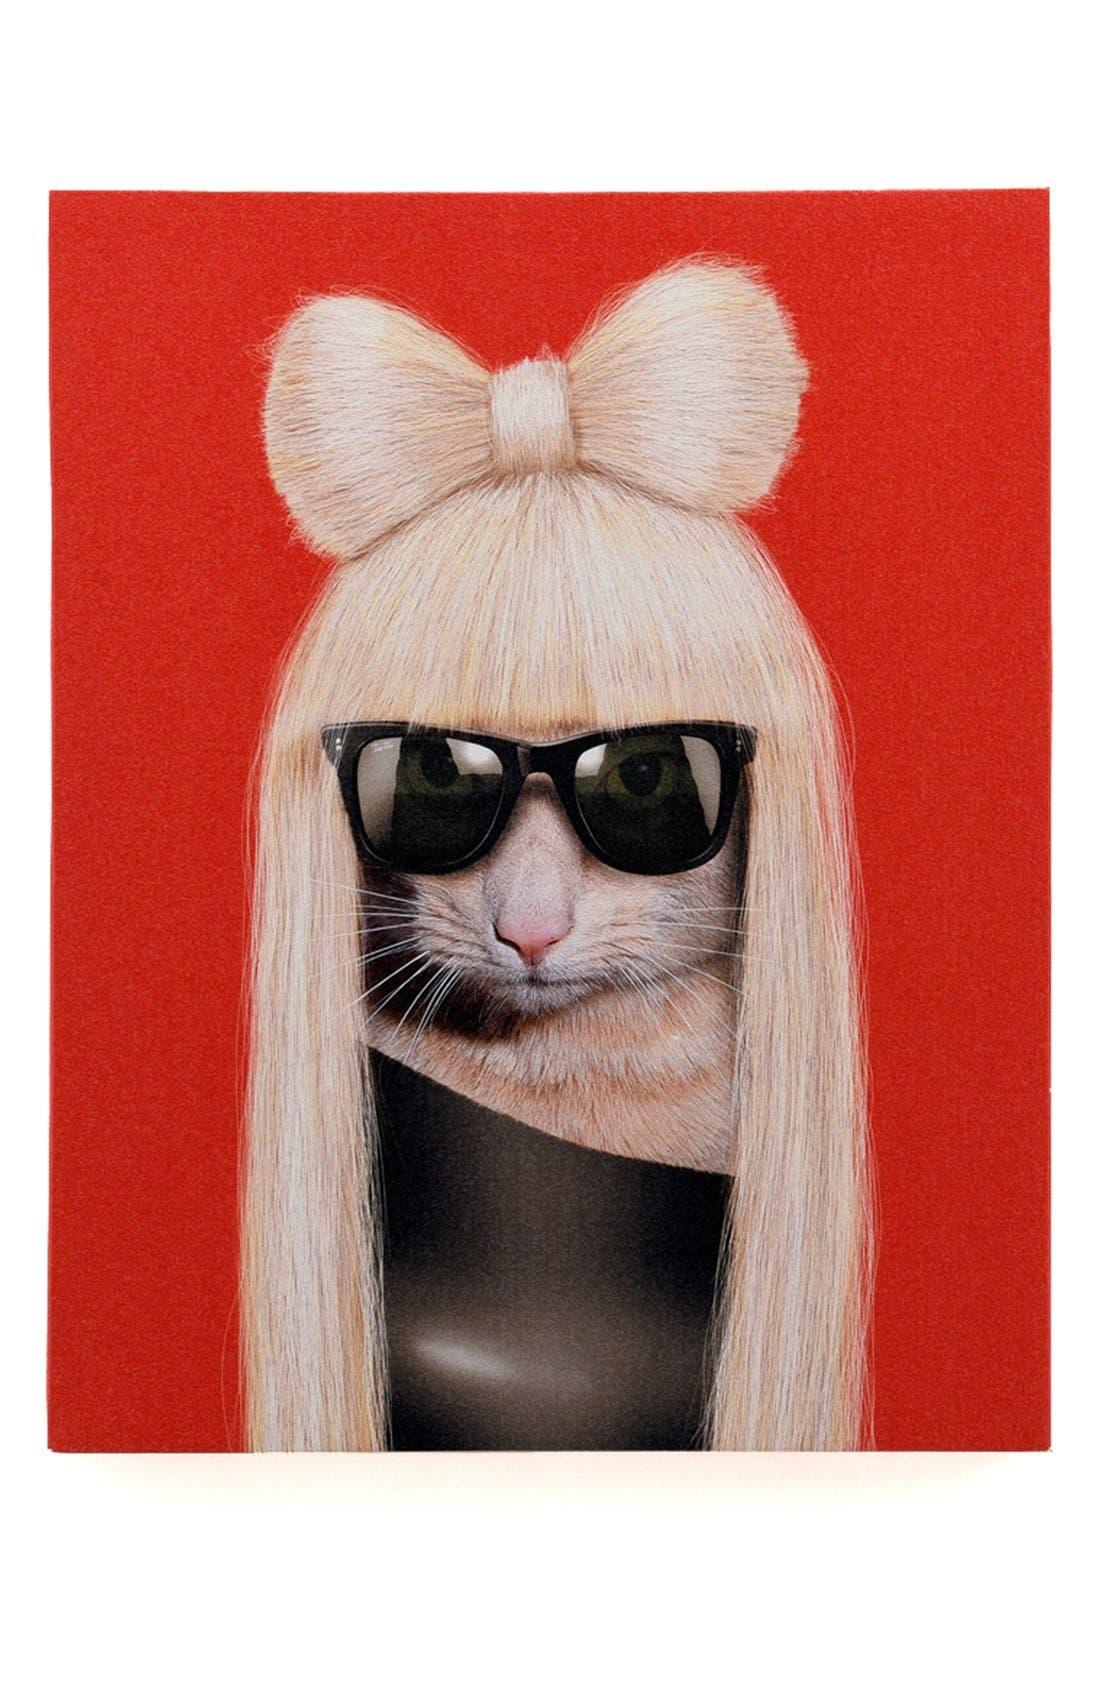 Alternate Image 1 Selected - Empire Art Direct 'Pets Rock™ - GG' Giclée Wall Art